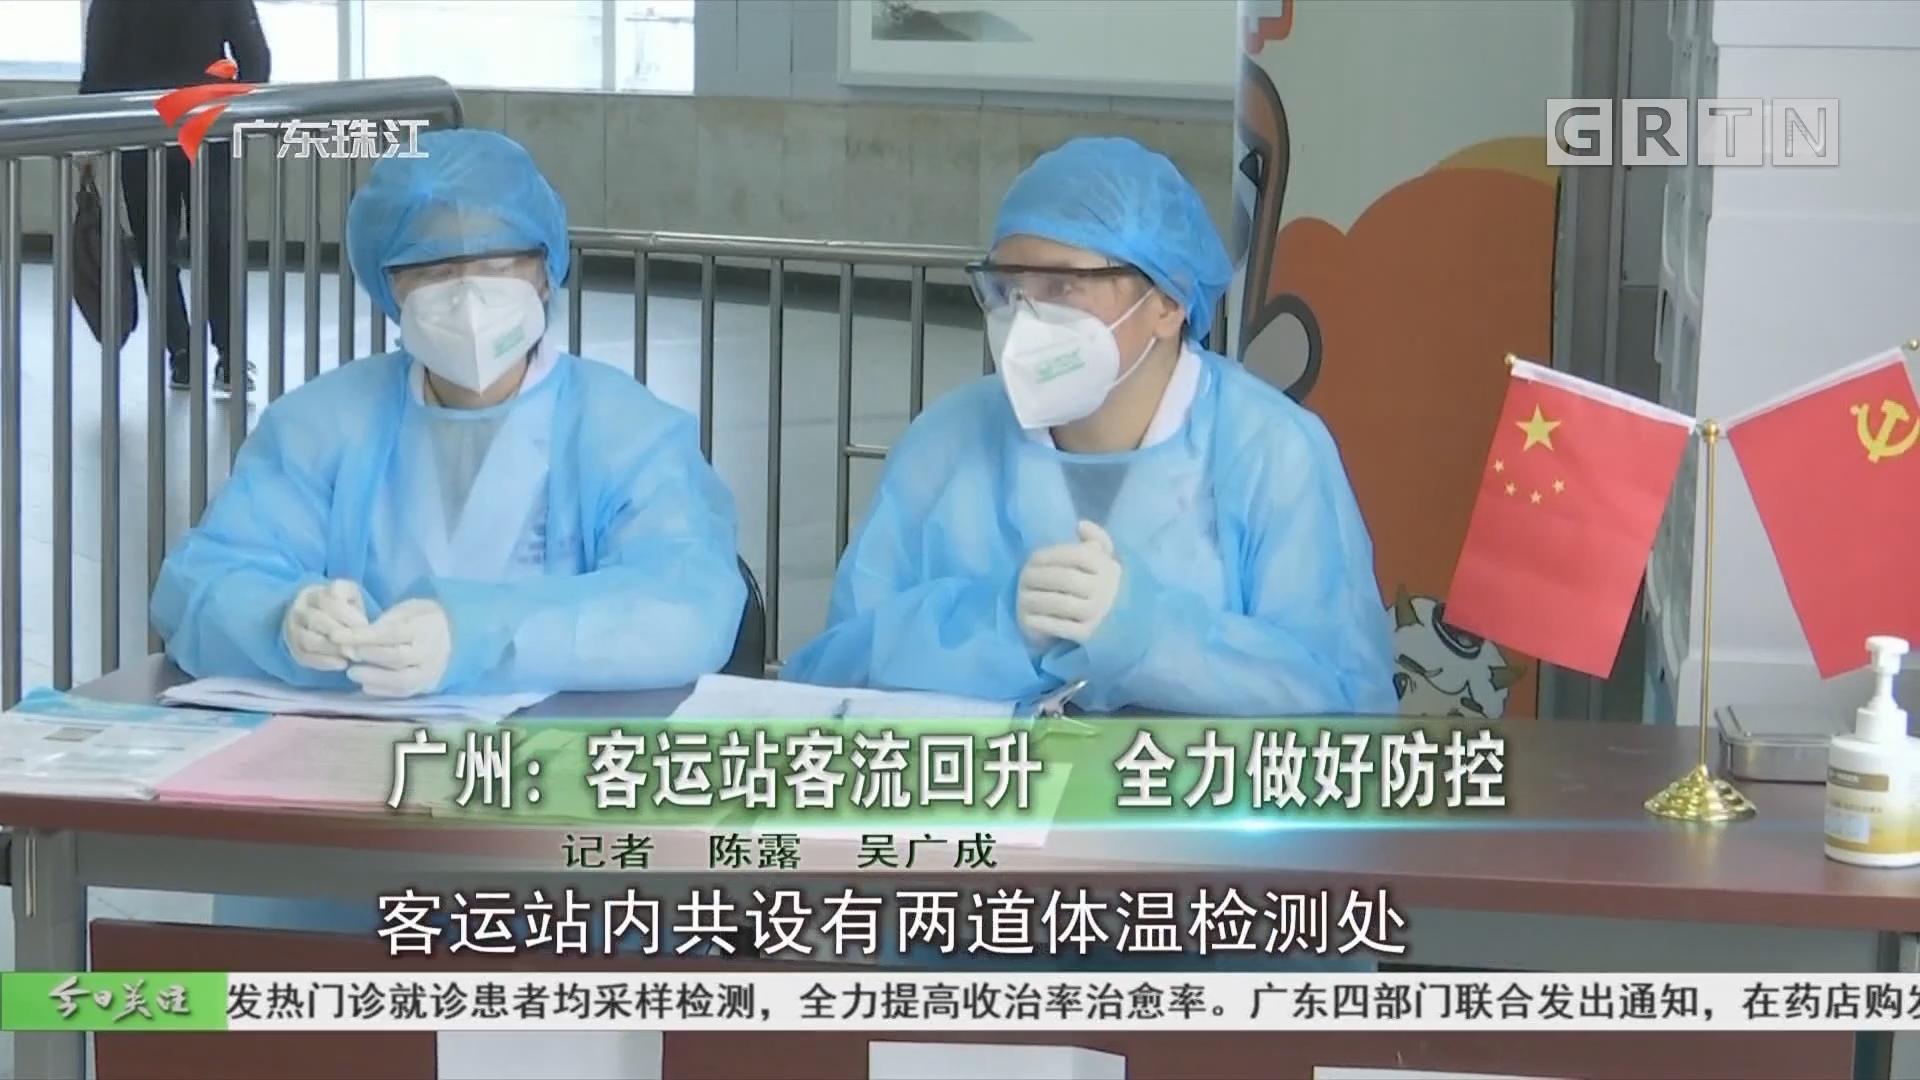 广州:客运站客流回升 全力做好防控